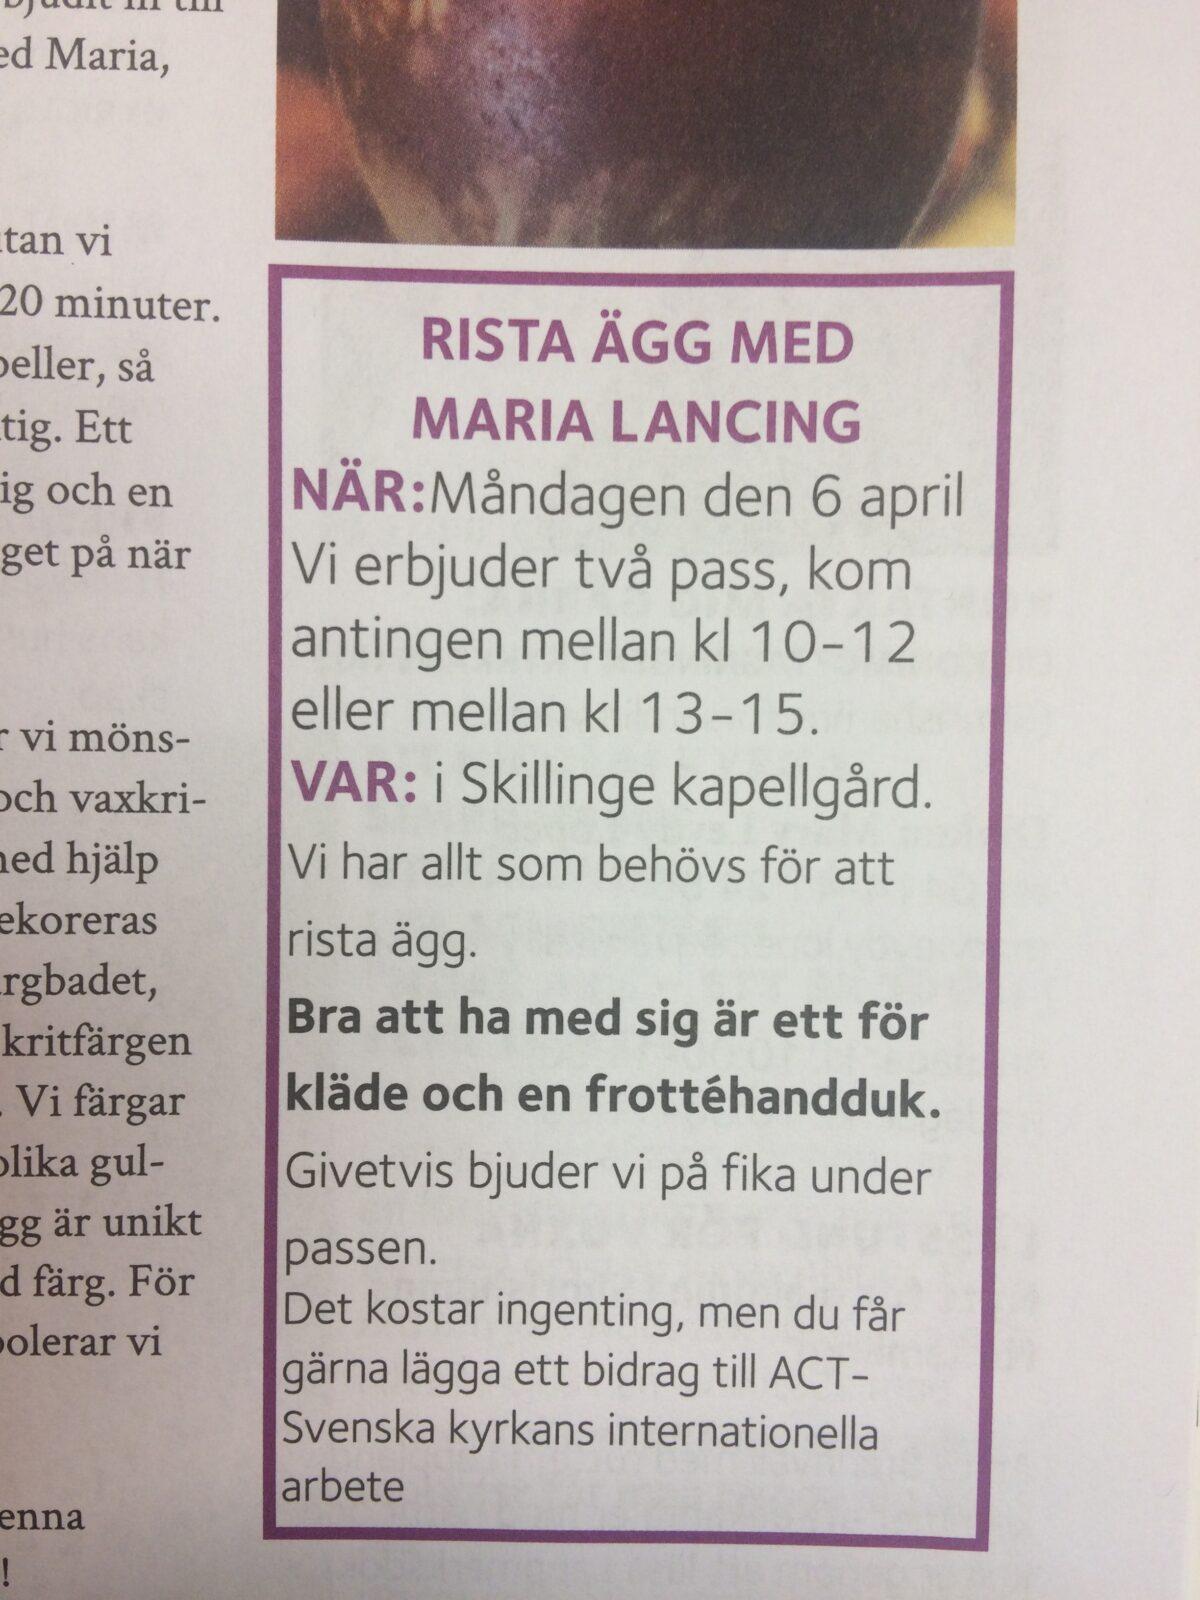 Rista ägg med Maria Lancing